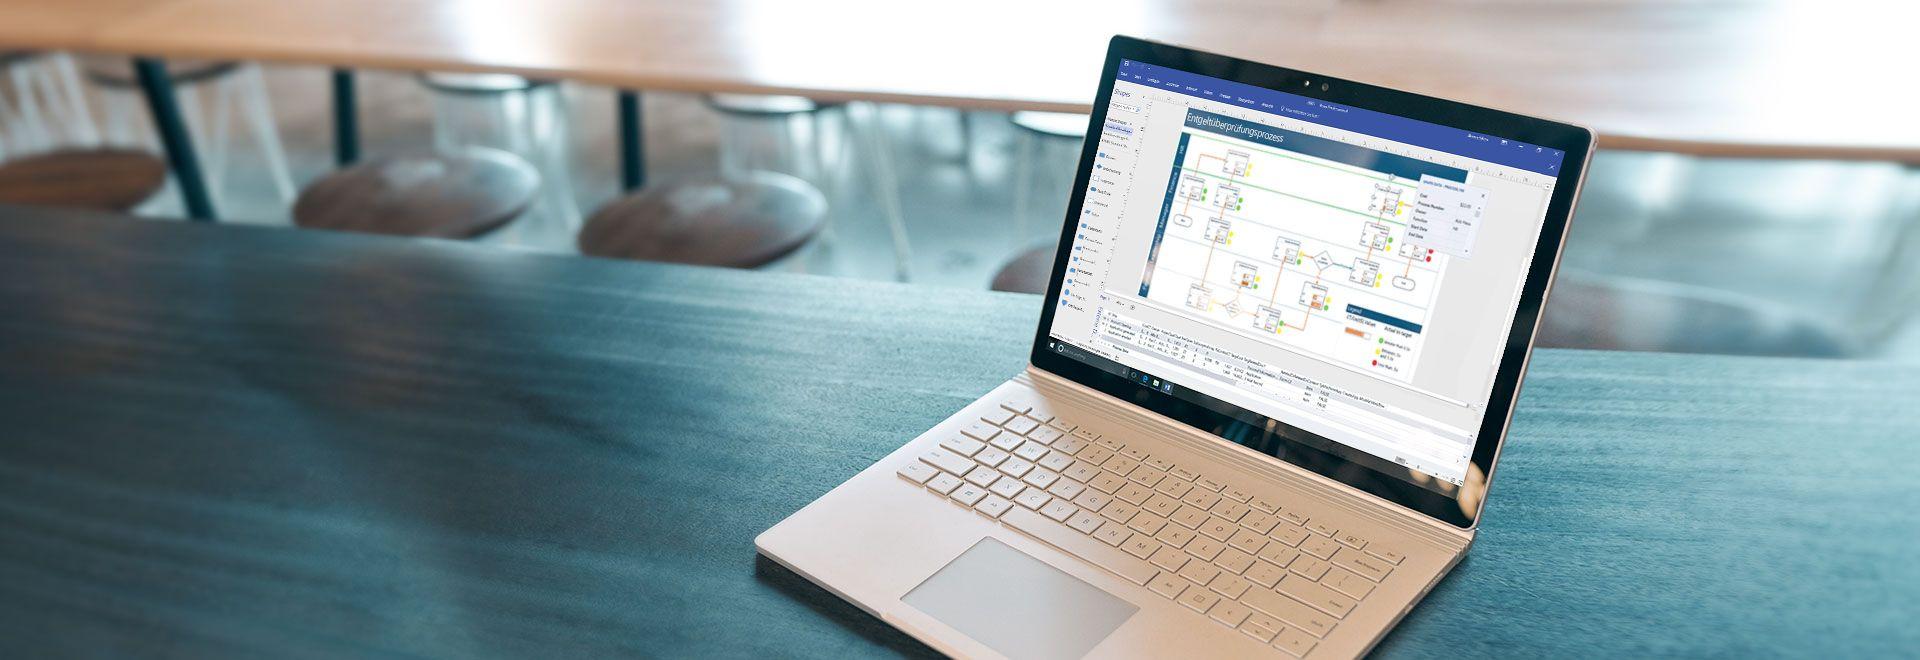 Ein Laptop mit einem Prozessablauf-Diagramm in Visio Online Plan 2